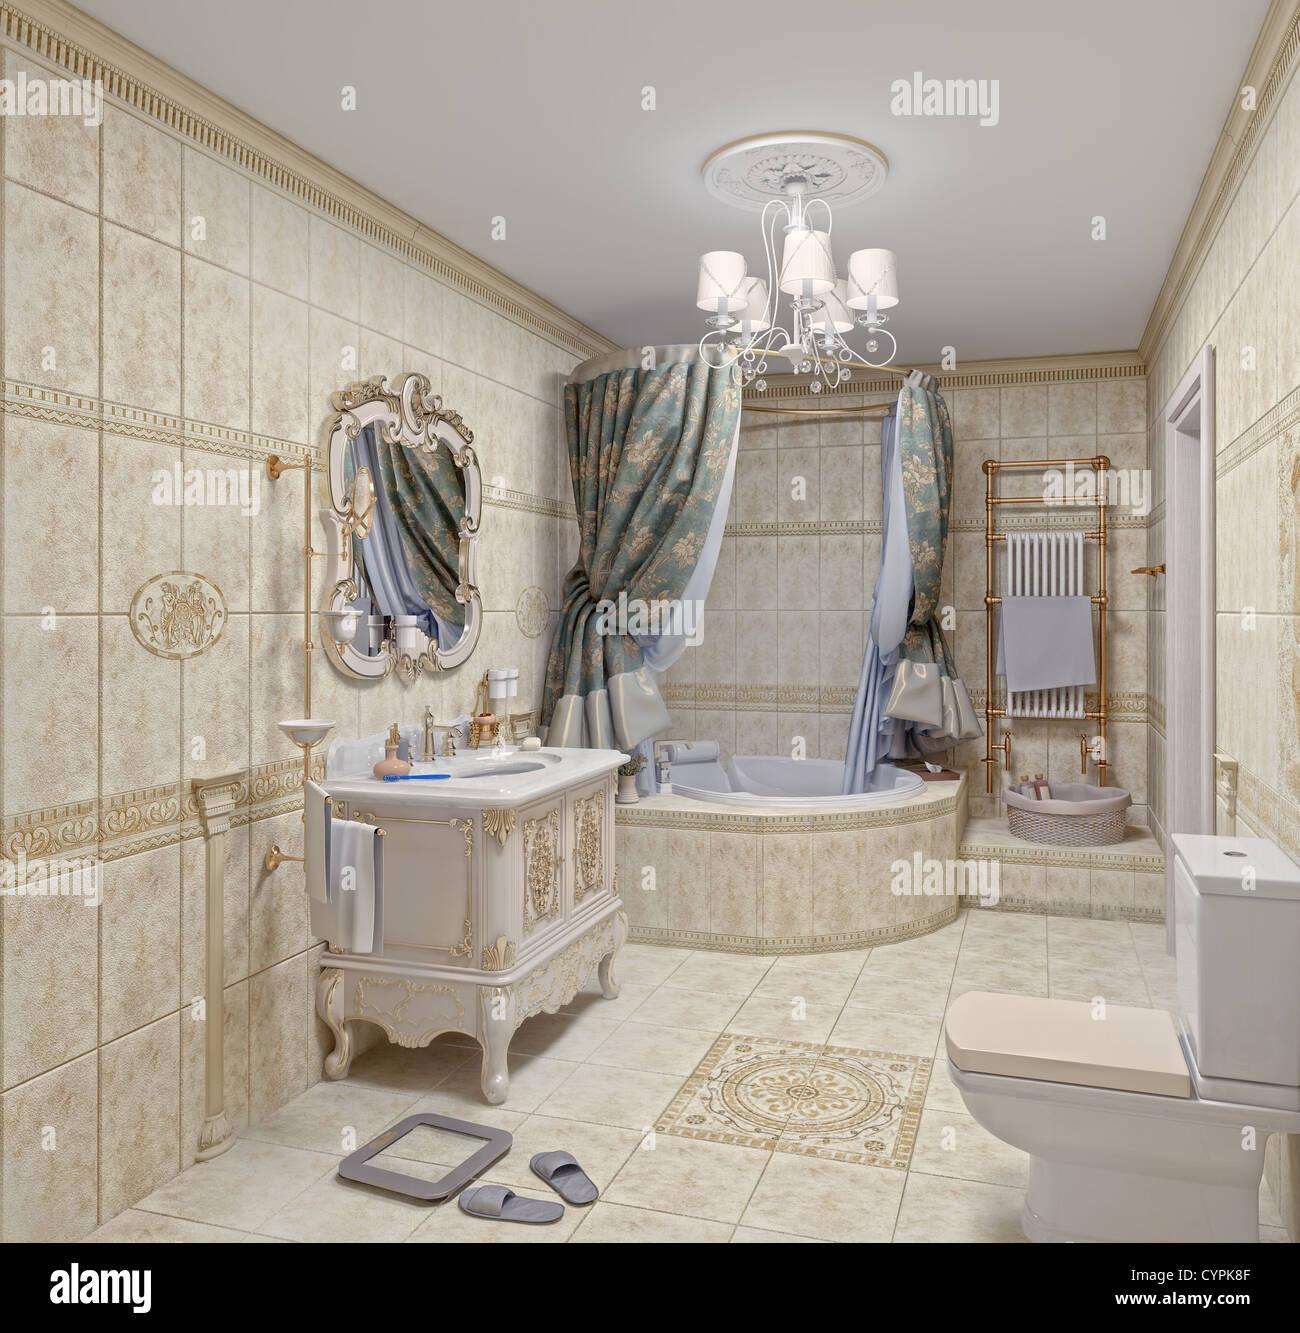 Moderne Badezimmer-Interieur mit Fliesen und Spiegel (3D-Rendering ...